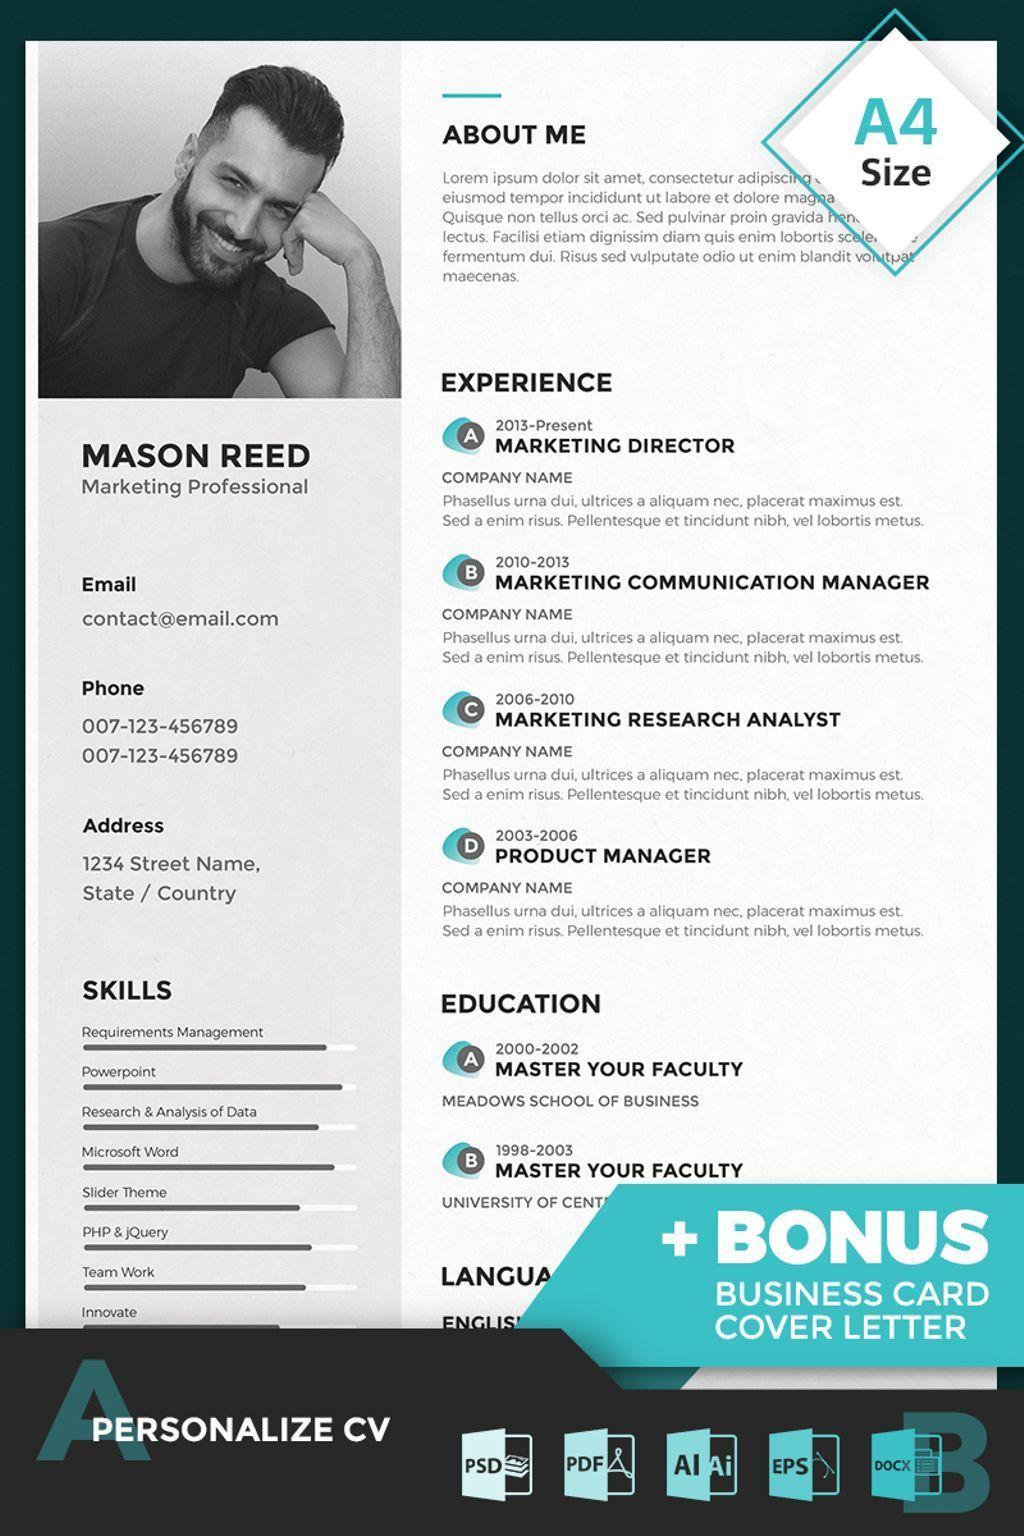 Mason Reed Marketing Professional Resume Template Resume Marketing Reed Mason Resume Template Professional Marketing Professional Marketing Resume